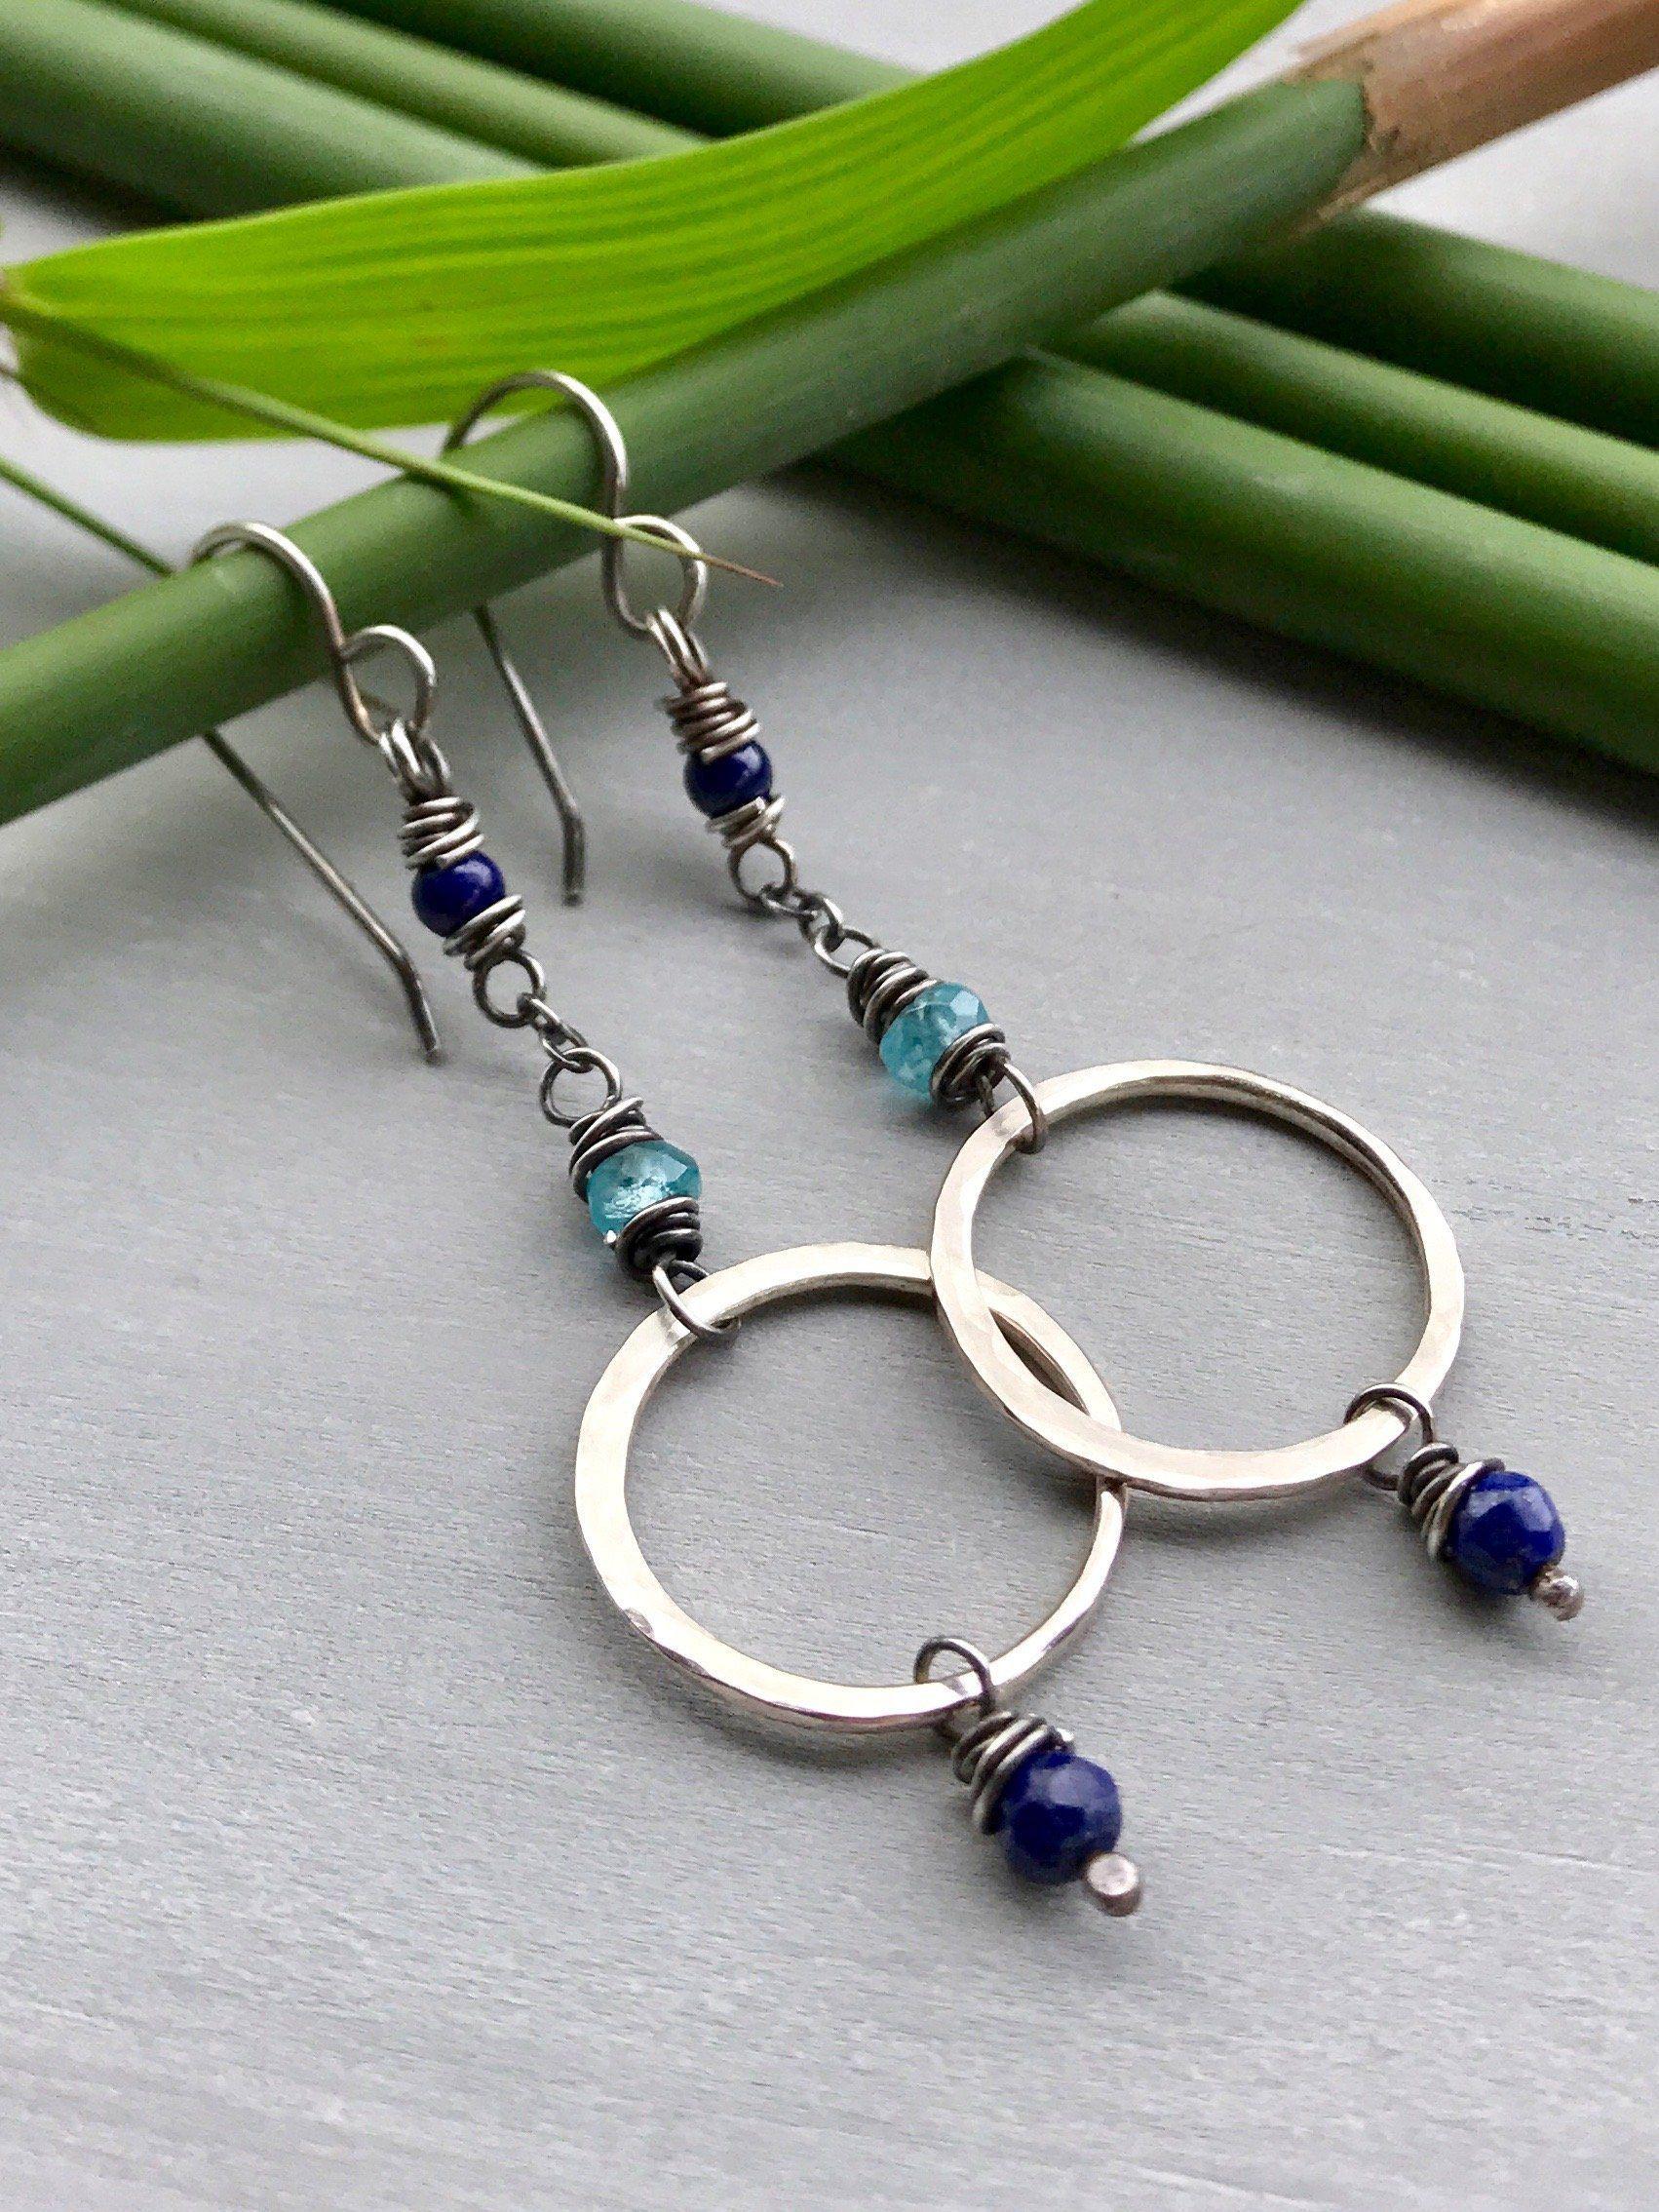 Blue Gypsy Soul Earrings   Jewelry   Pinterest   Jewelry ideas ...